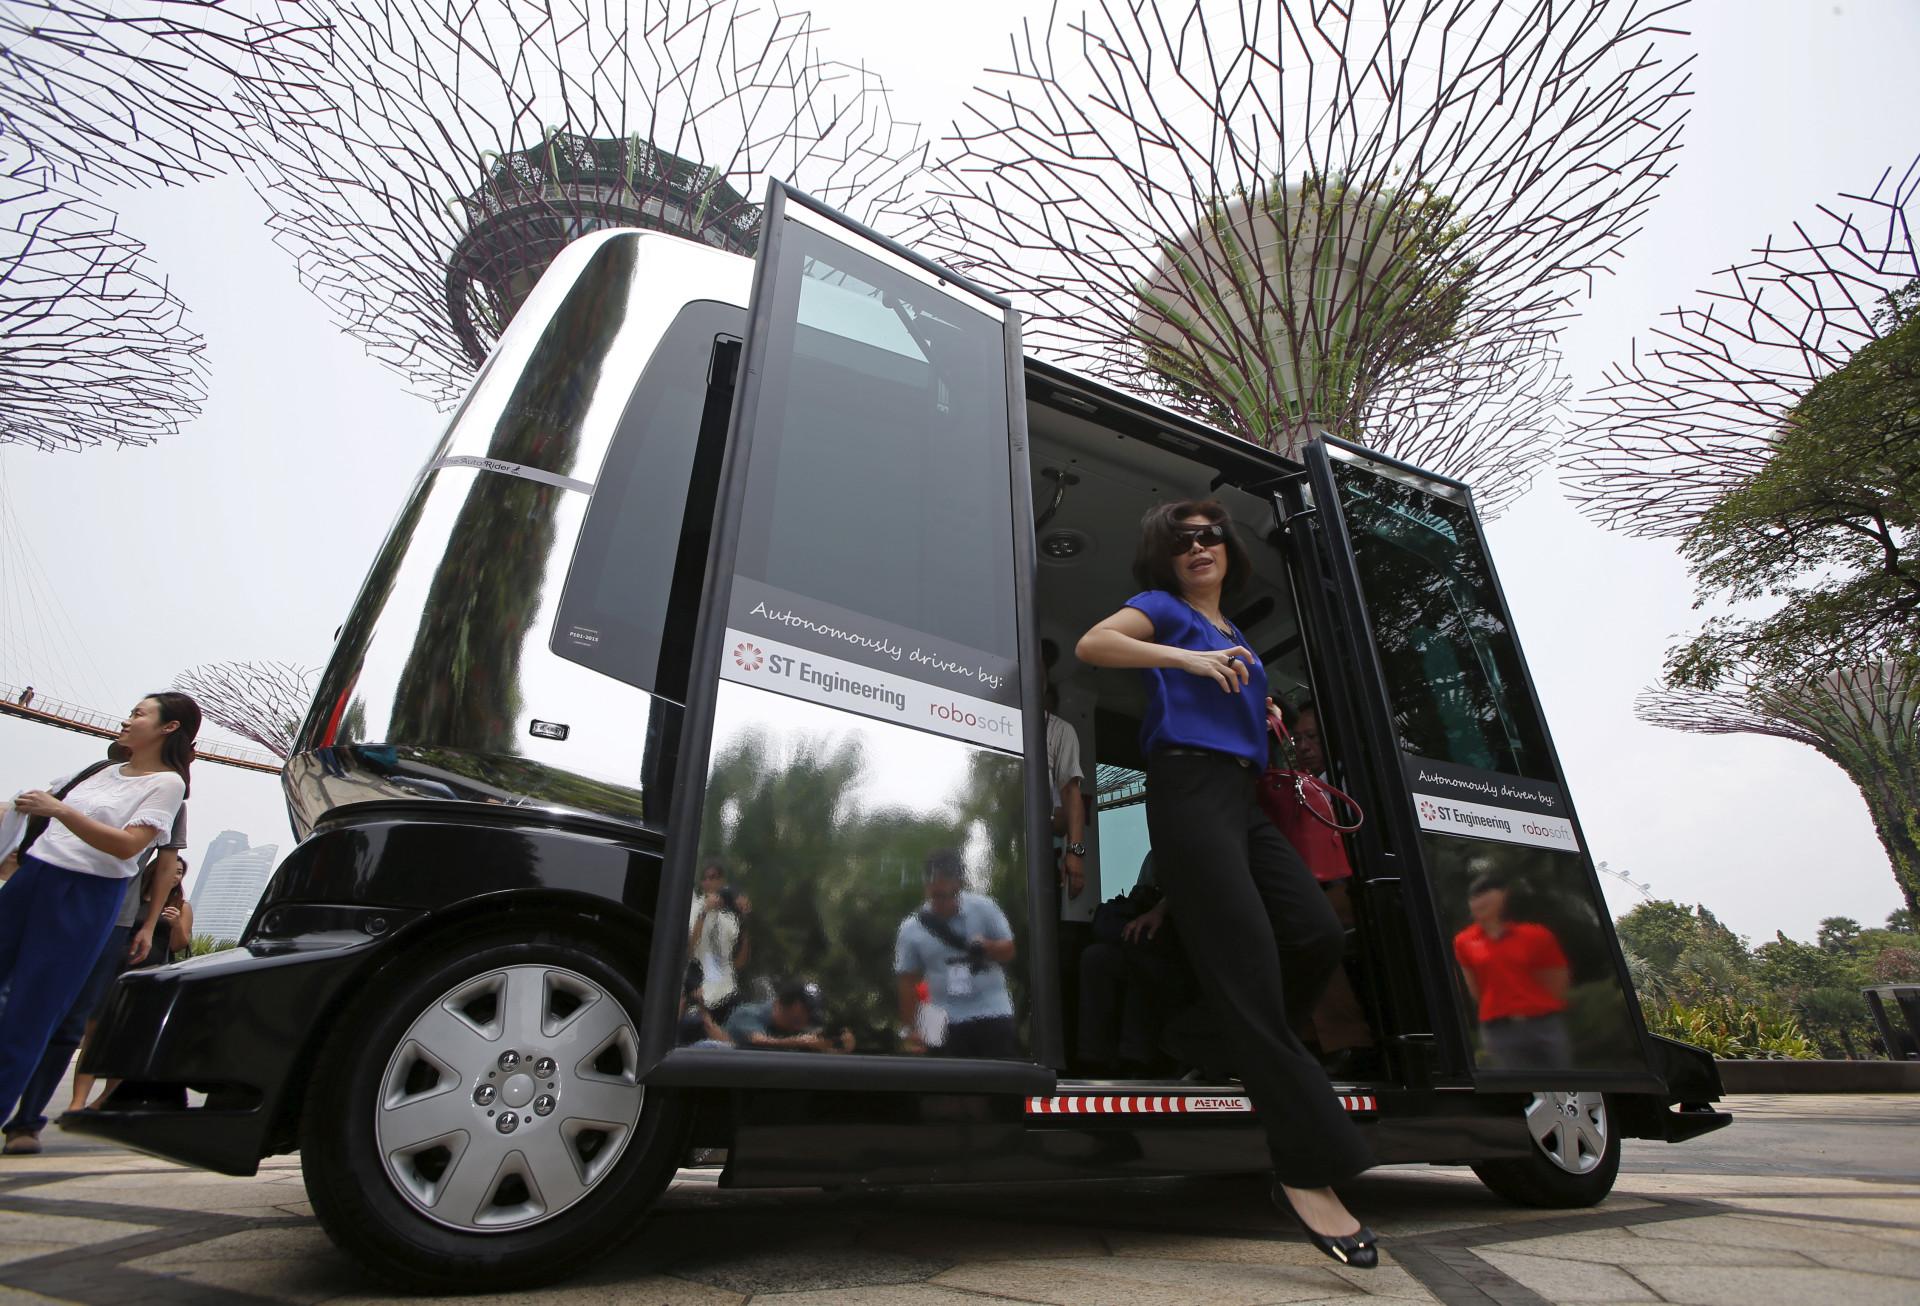 Tecnologia: carros que dirigem sozinhos